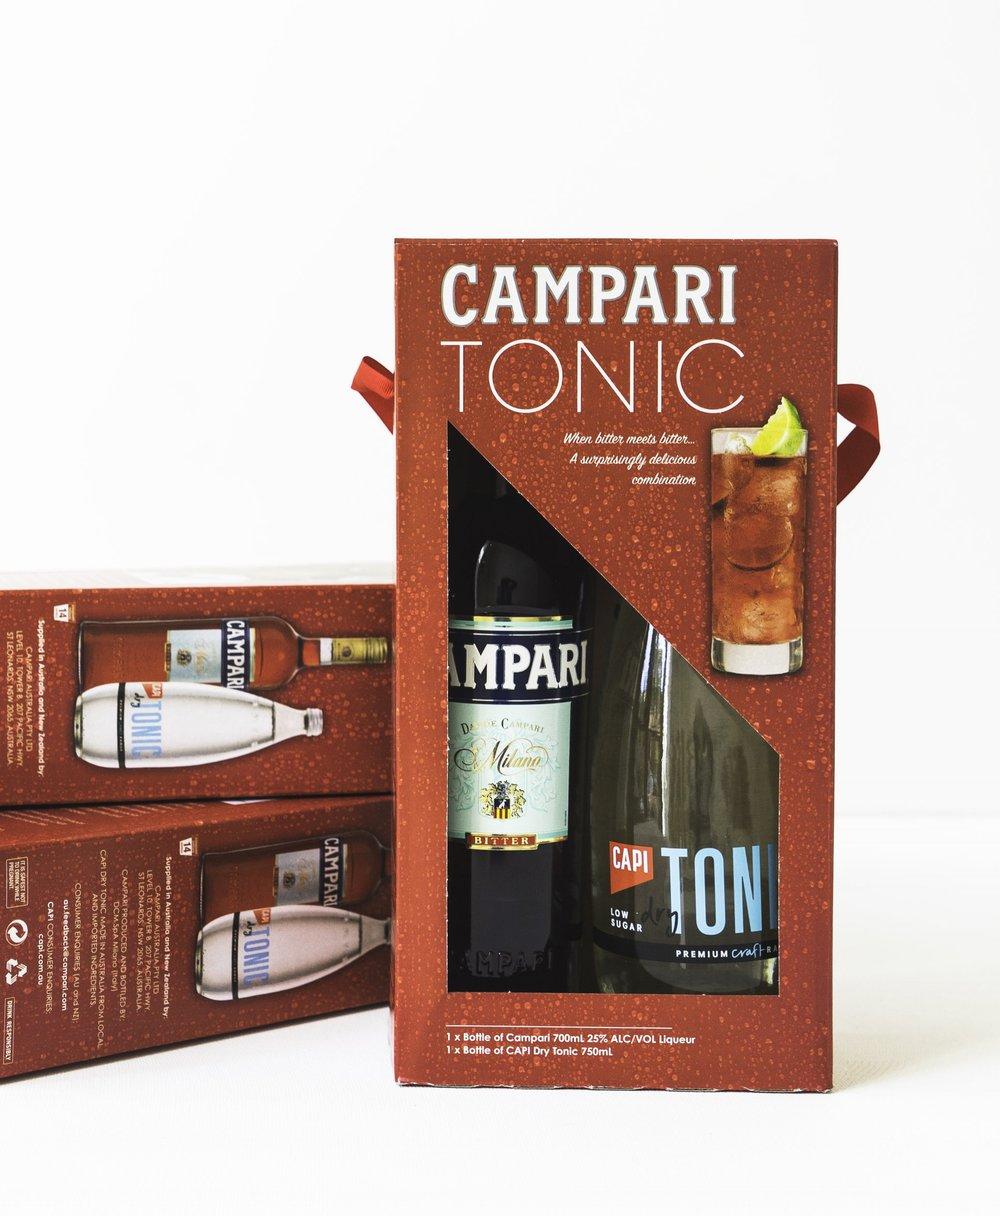 CAMPARI + DRY TONIC PACKAGING.jpg